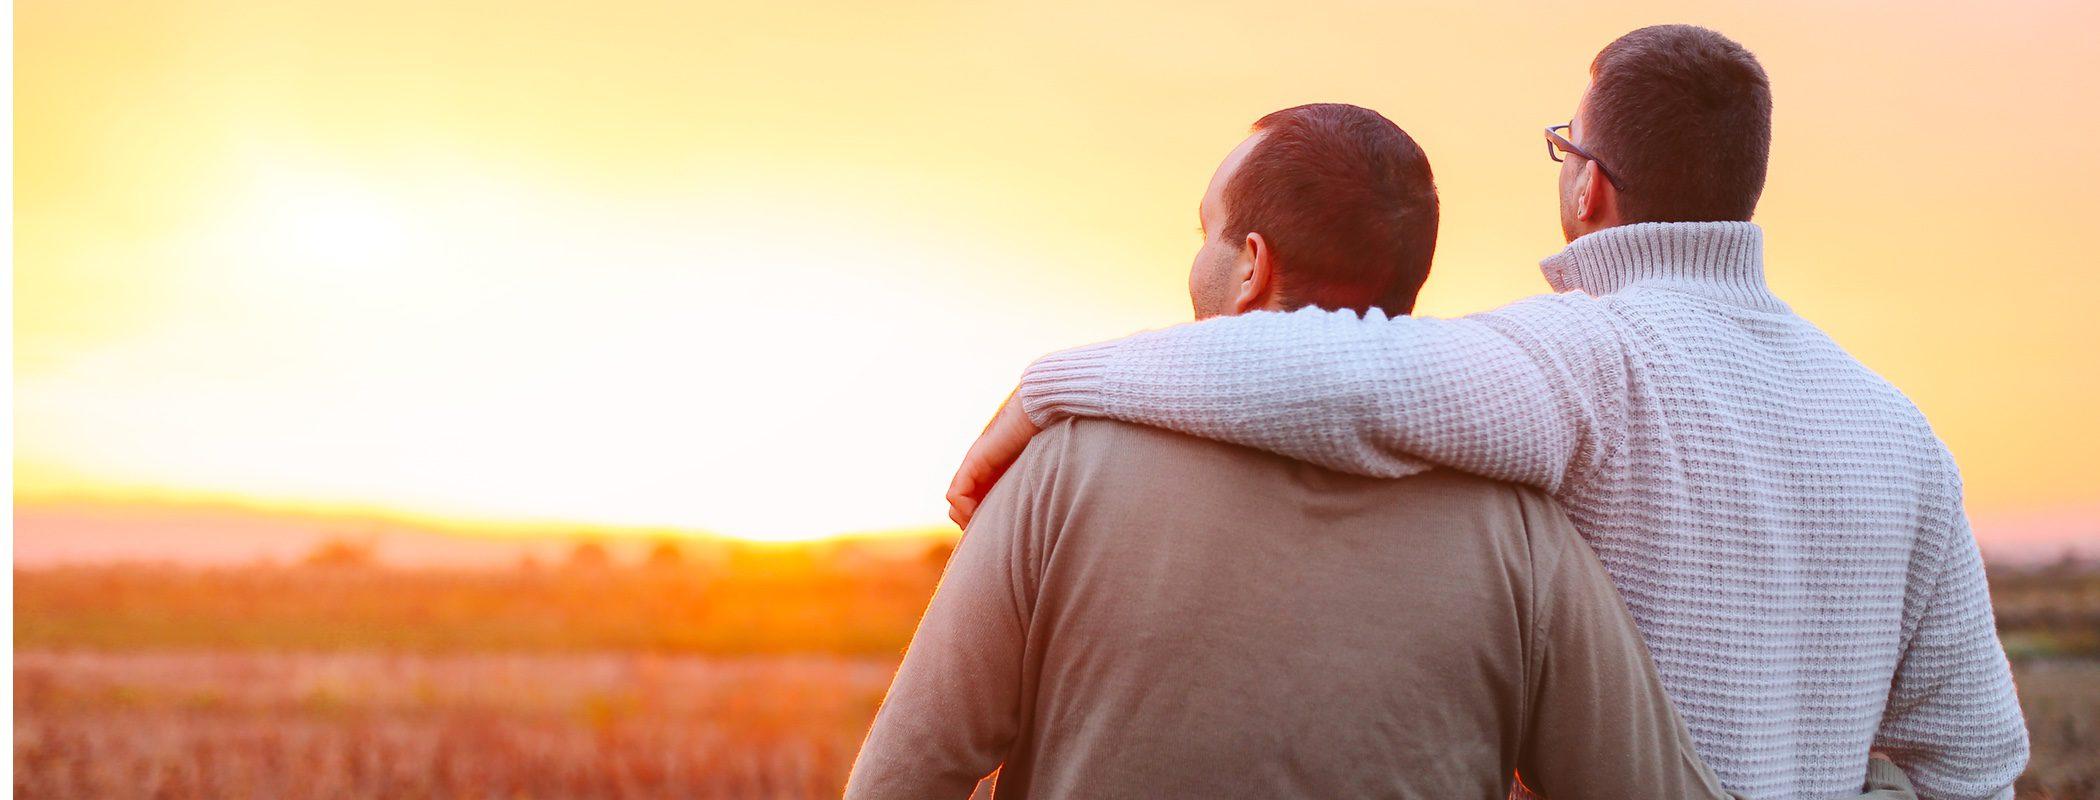 Orientación sexual: Cómo sé si soy gay